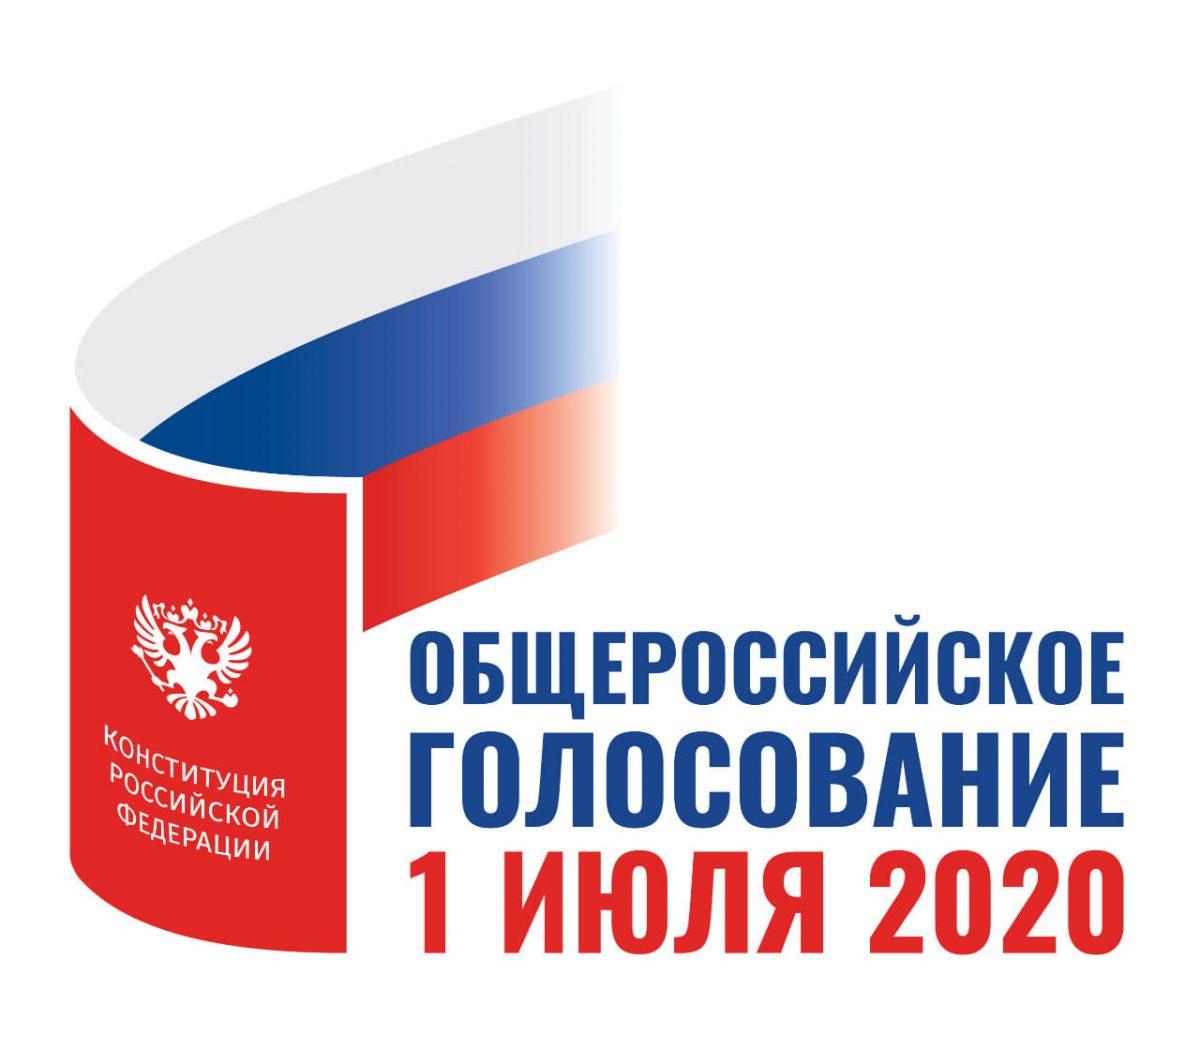 О работе избирательных участков в рамках Общероссийского голосования по поправкам в Конституцию Российской Федерации